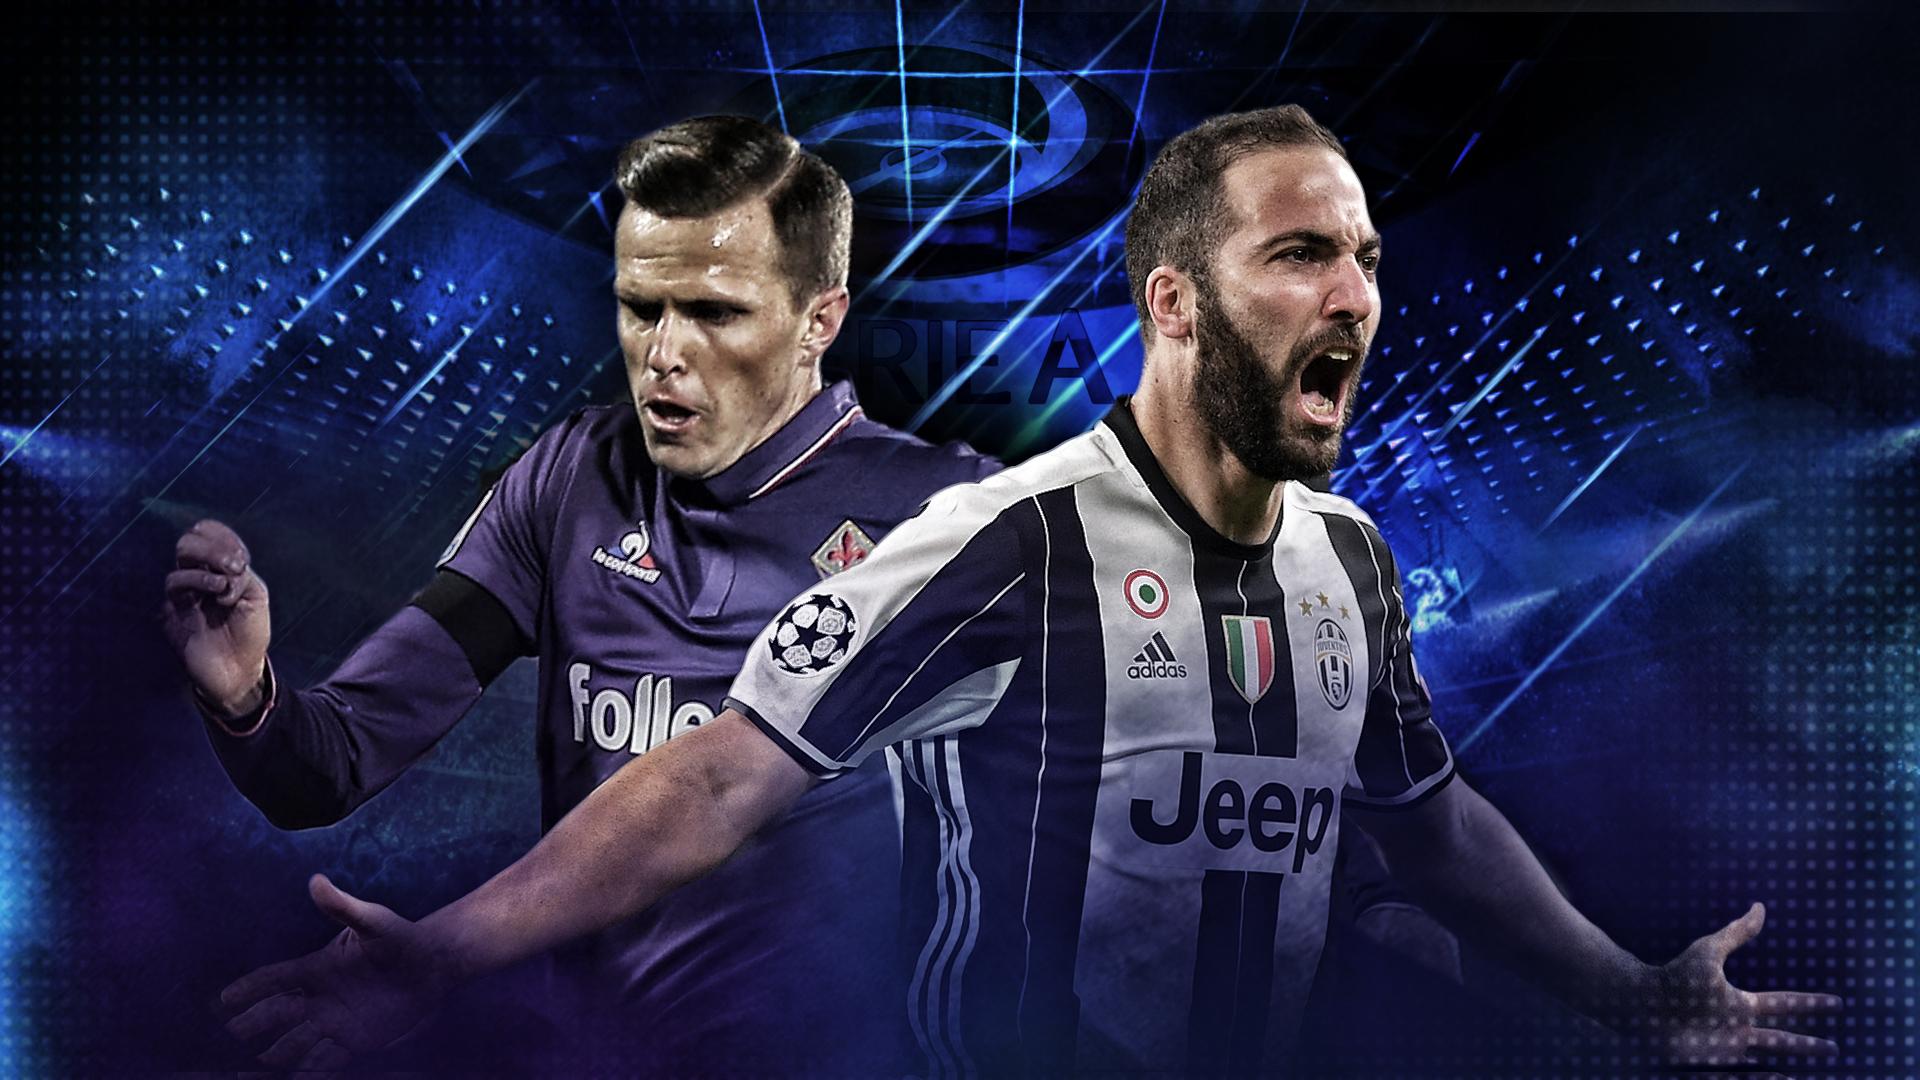 La Juve cade. Fiorentina più cattiva - LE PAGELLE